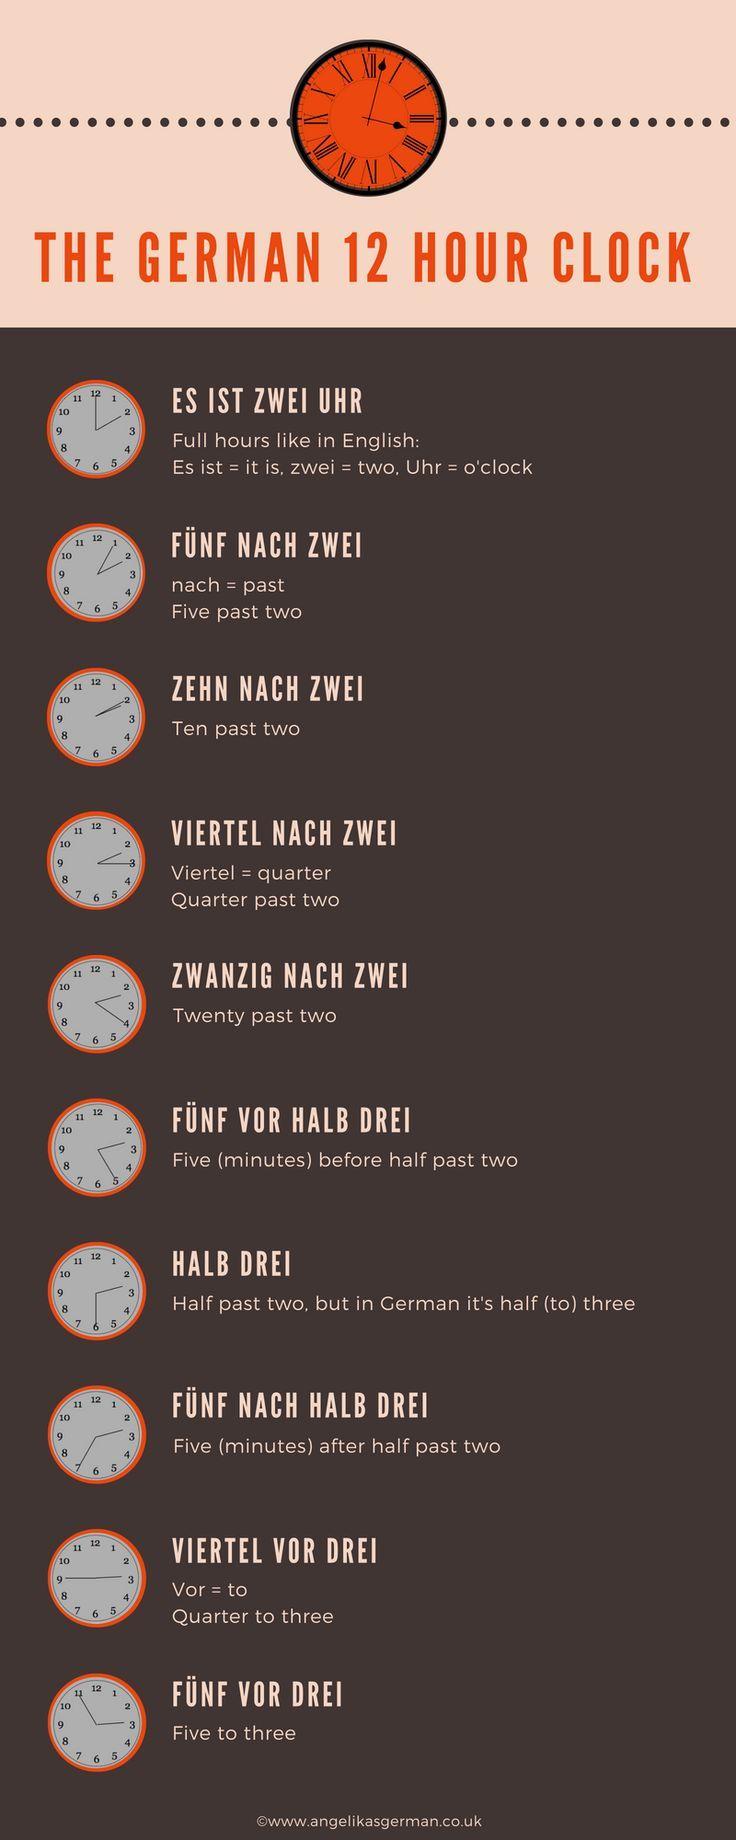 How To Say The 12 Hour Clock In German Deutsch Lernen Lernen